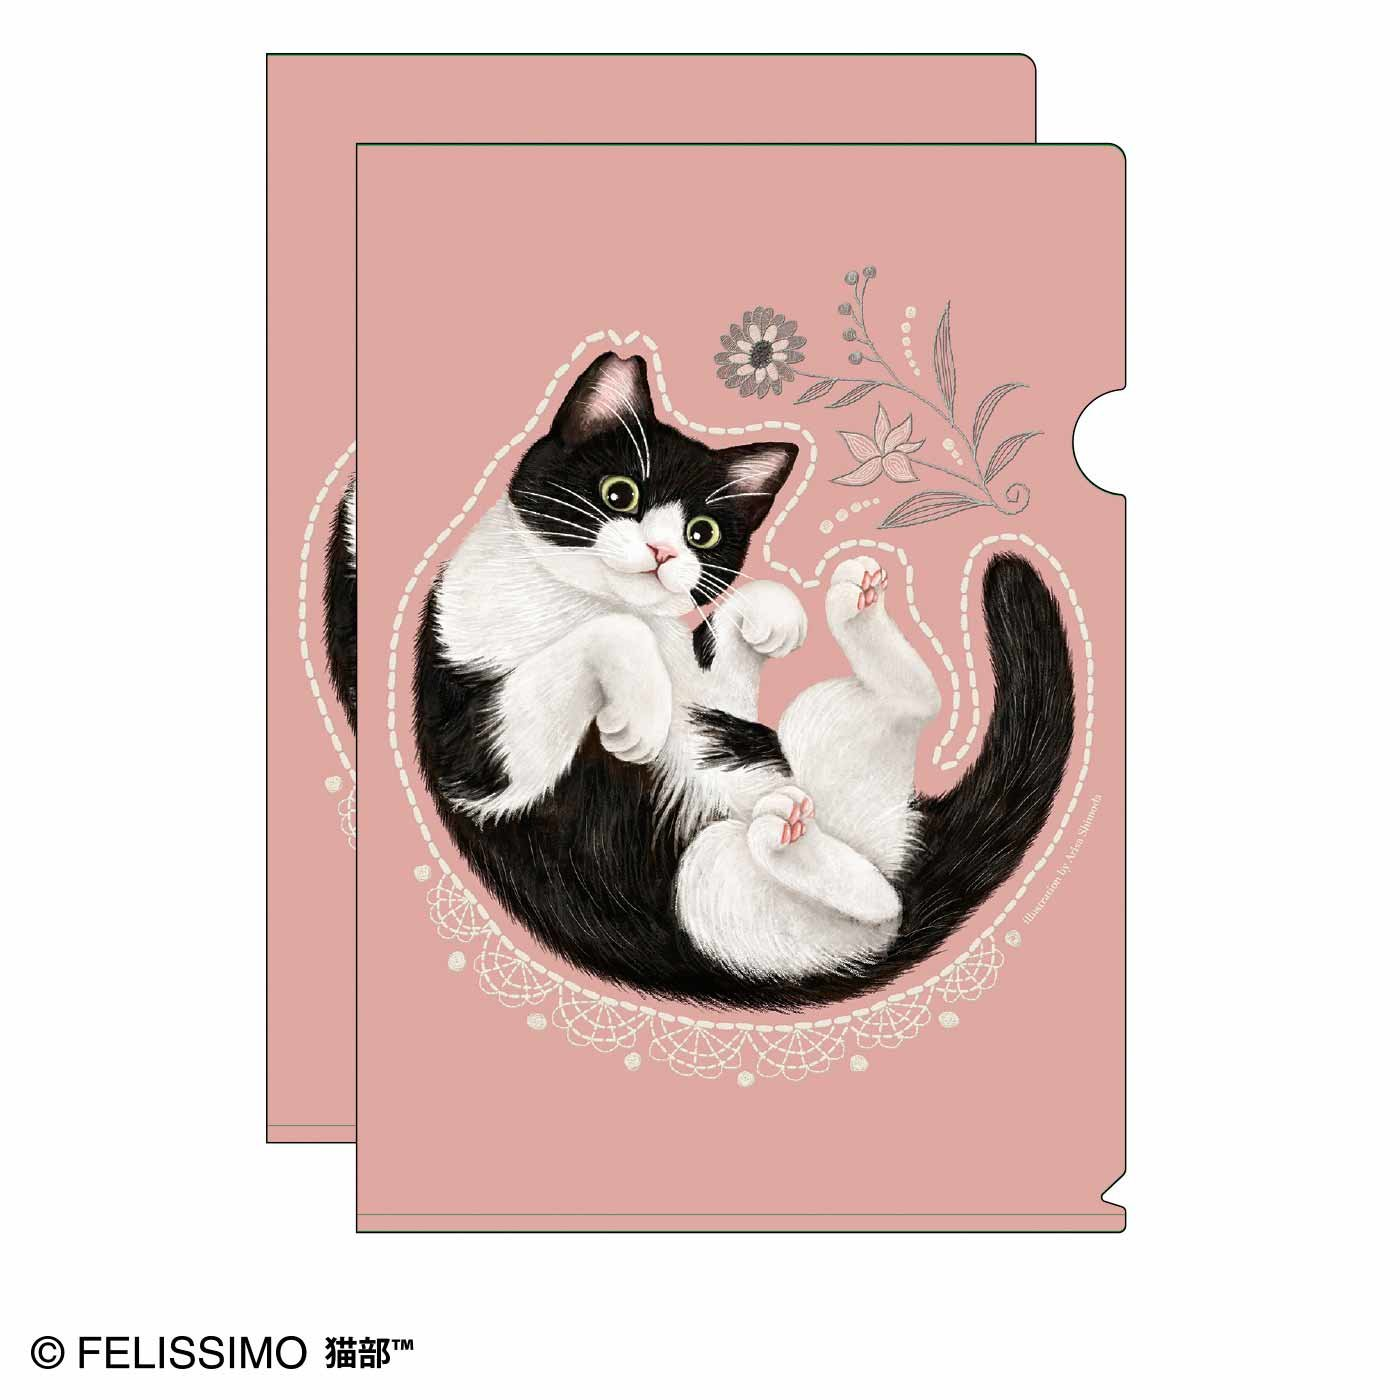 猫部×霜田有沙 地域猫チャリティークリアファイル2020